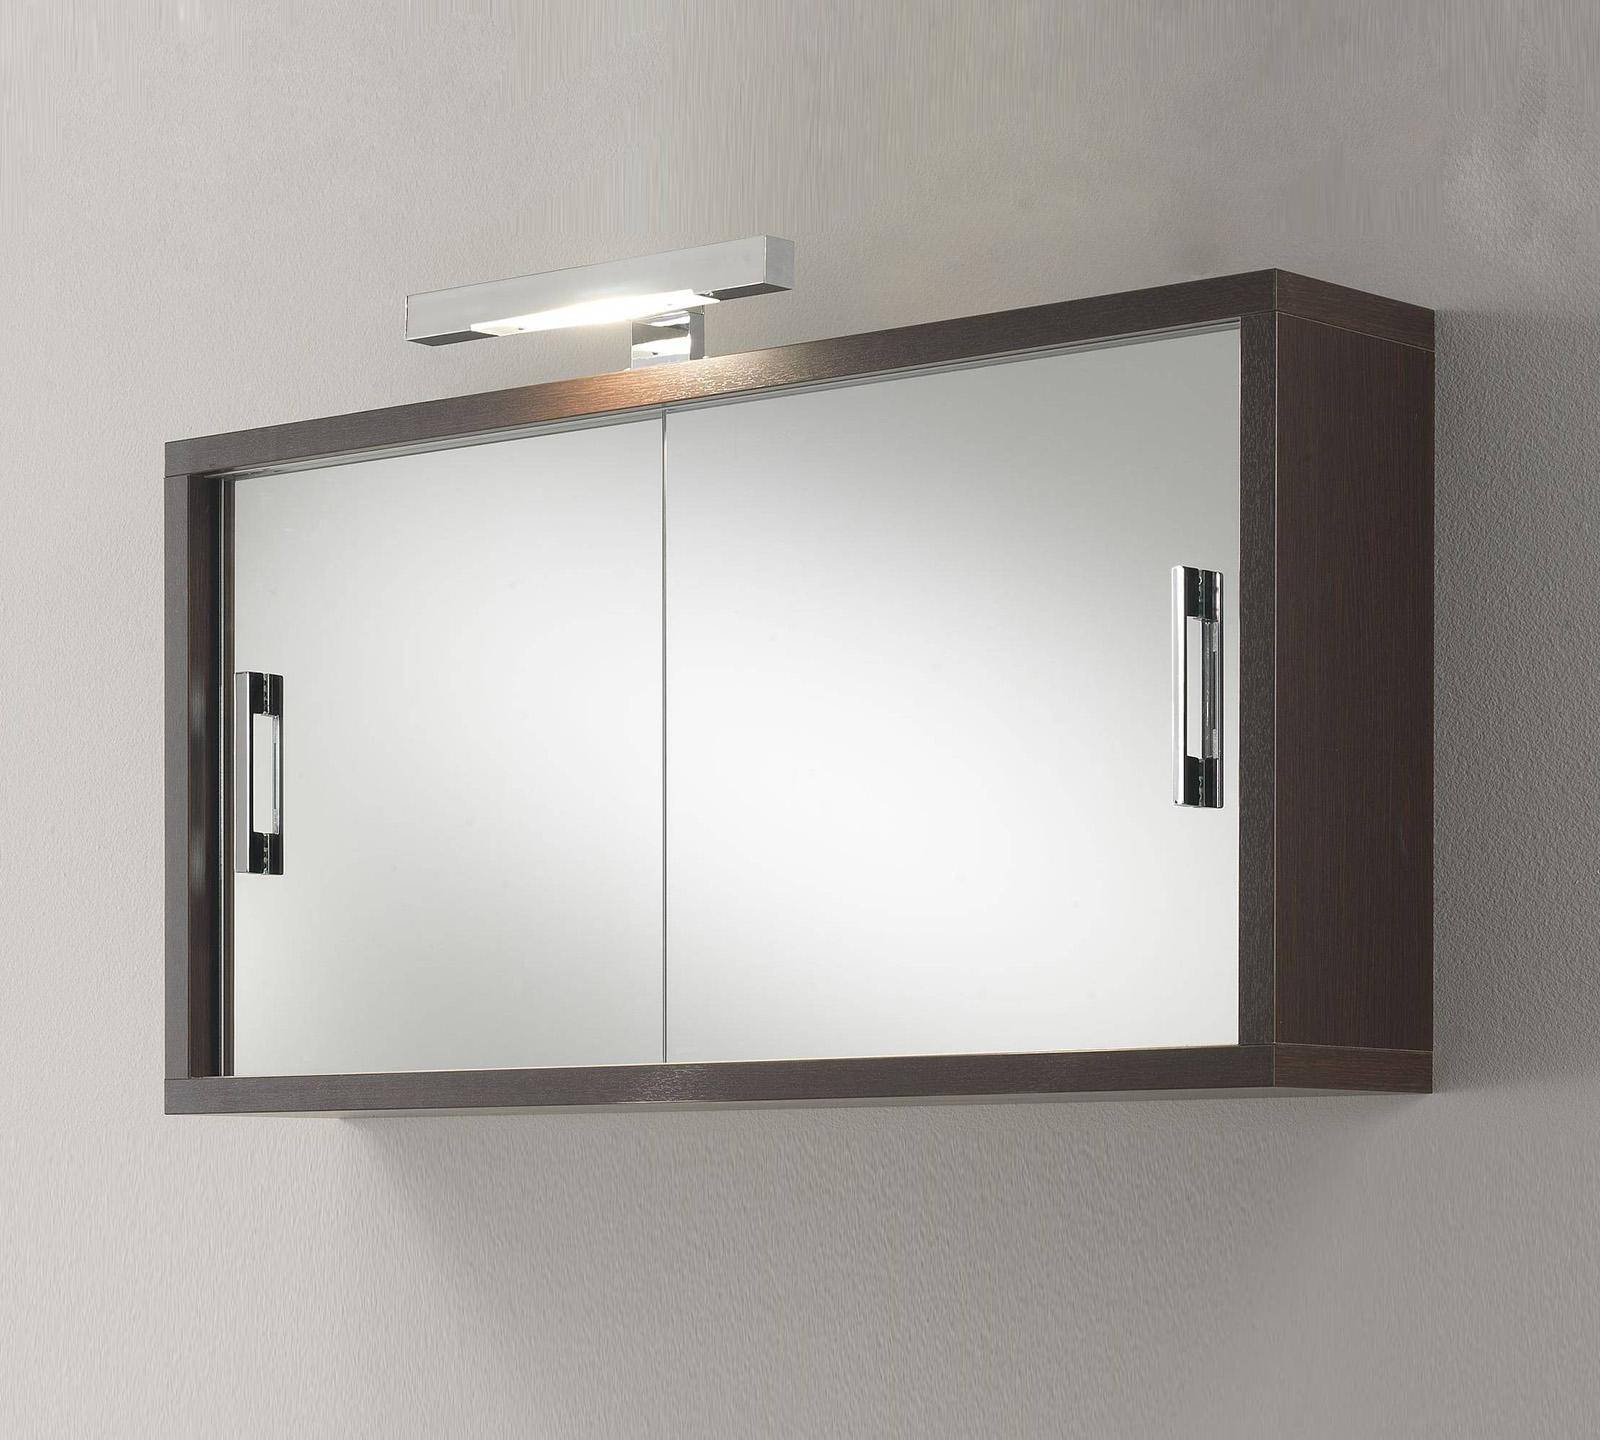 Specchio contenitore gv400 weng duzzle for Specchio wenge